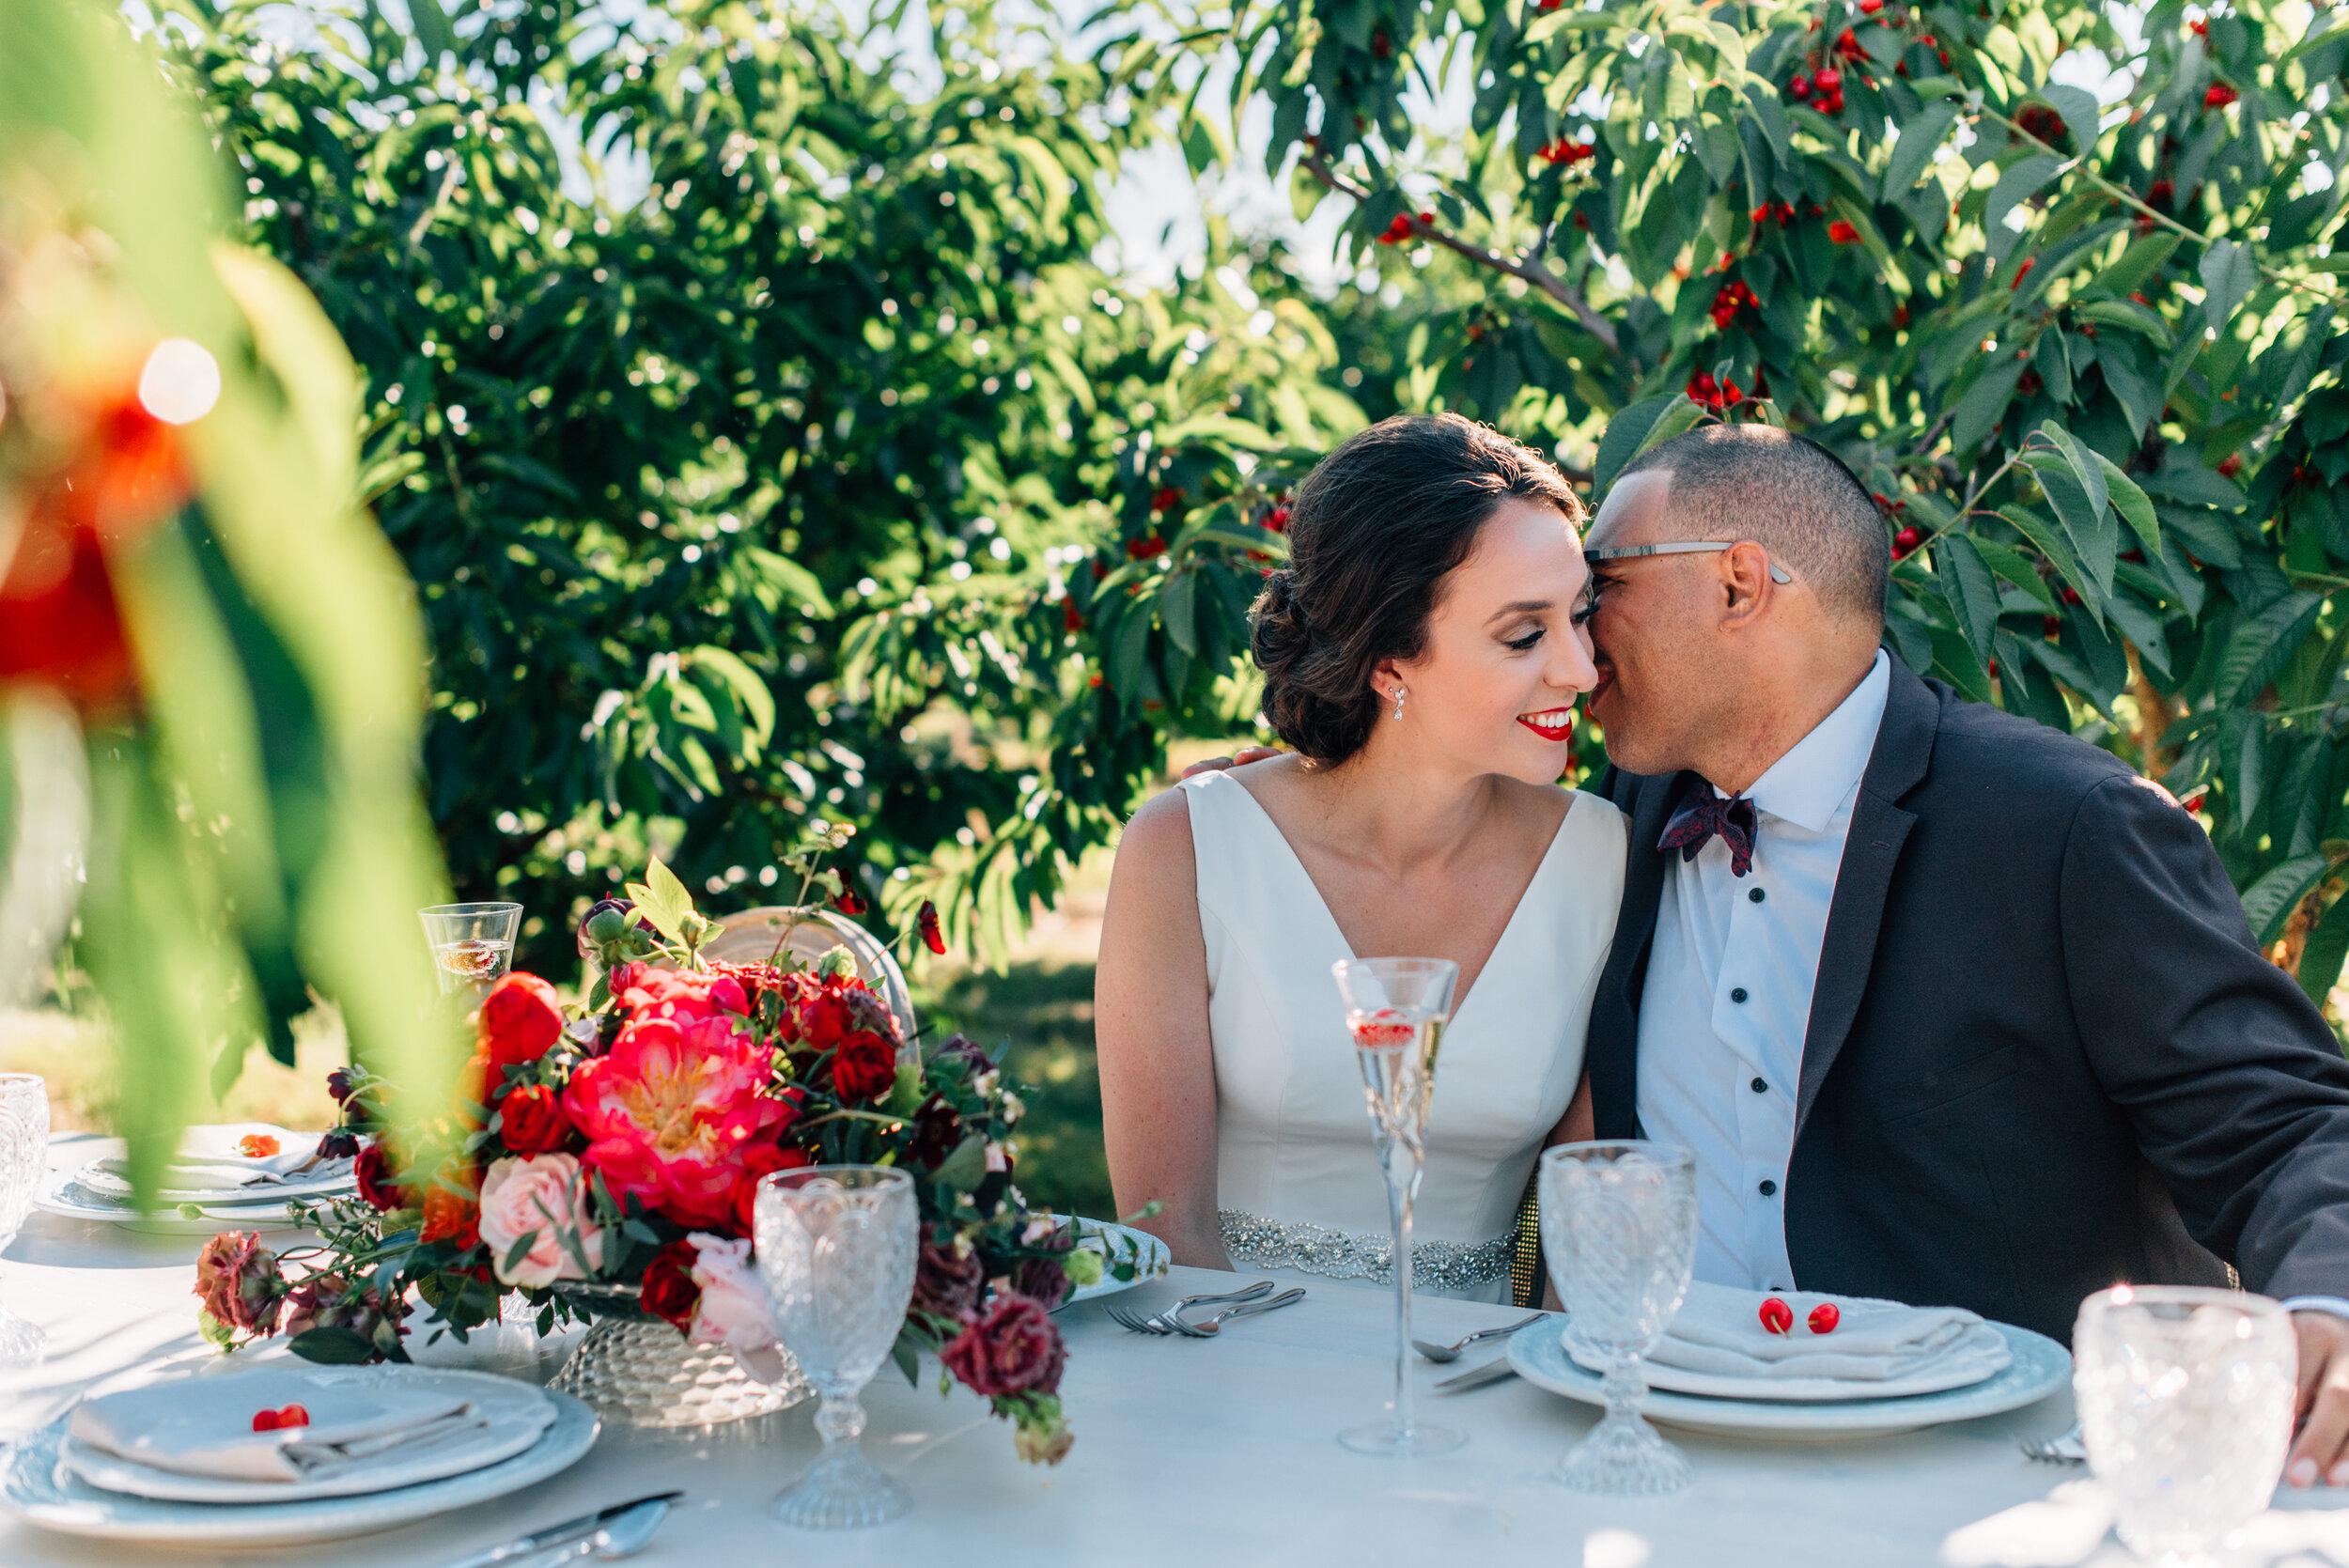 vineyard-bride-vendor-spotlight-wilde-hair-boutique-salon-mobile-wedding-hair-makeup-services-niagara-toronto-southern-ontario004.JPG